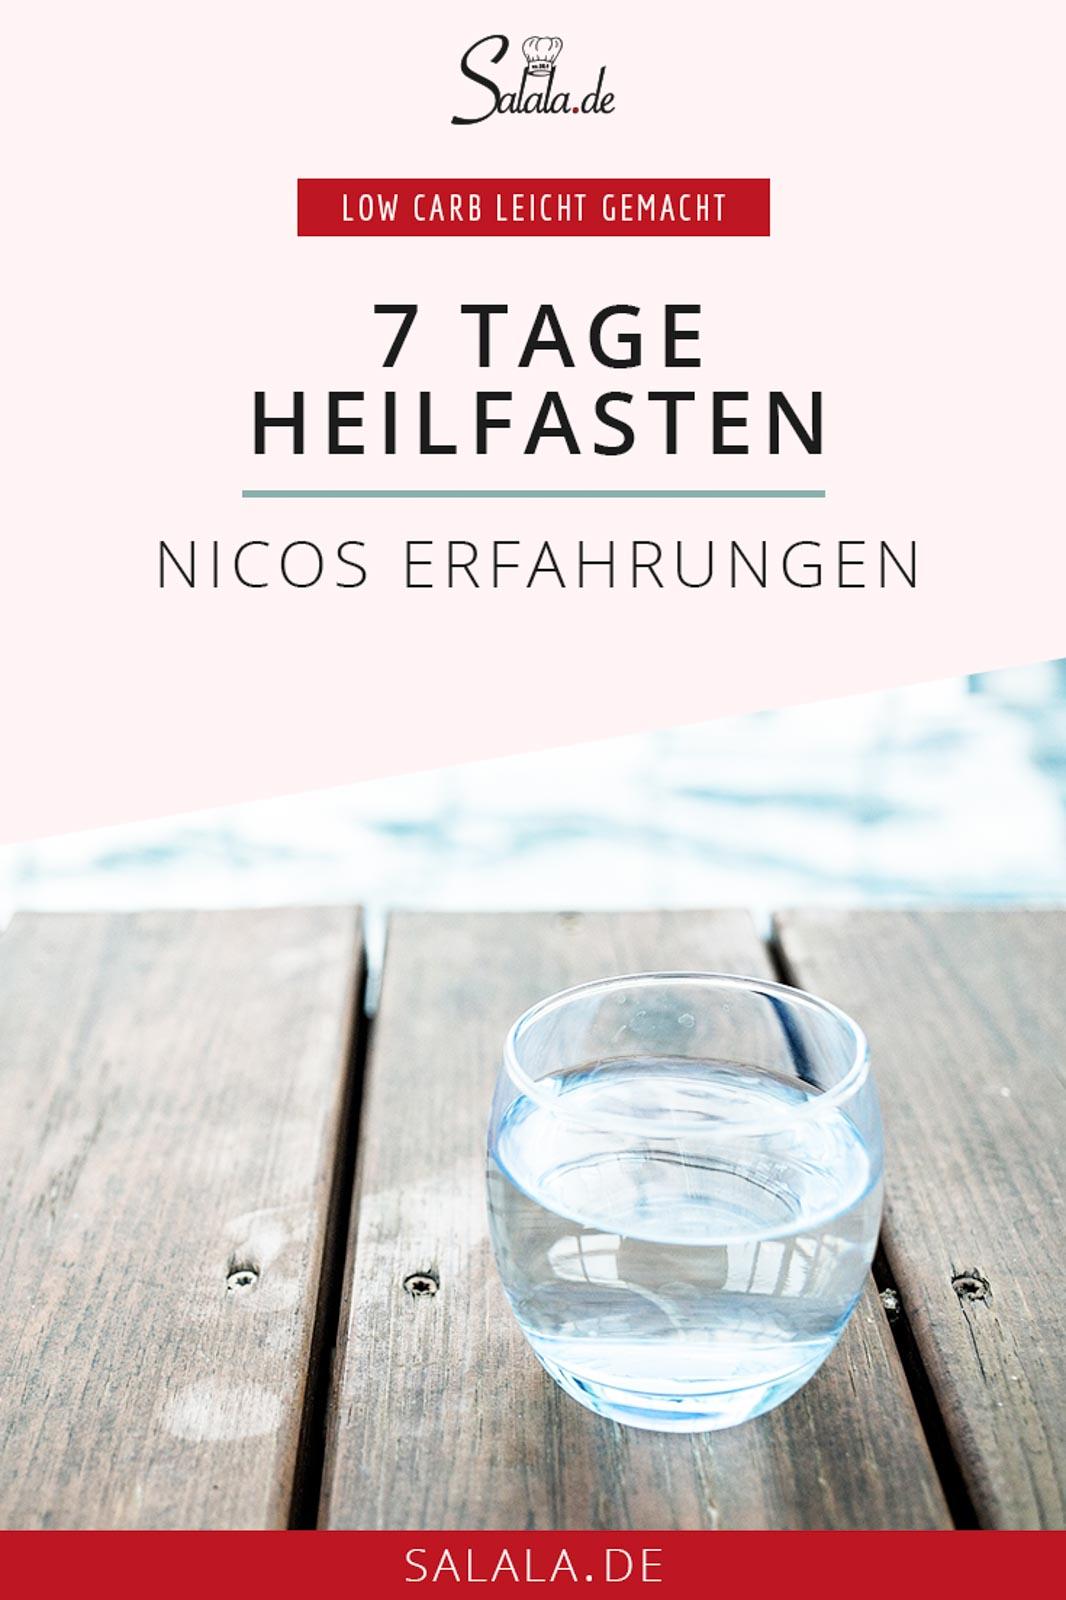 #wasserfasten #heilfasten #fastenzumabnehmen #wiegehtwasserfasten #nichtessen #anleitungzumfasten